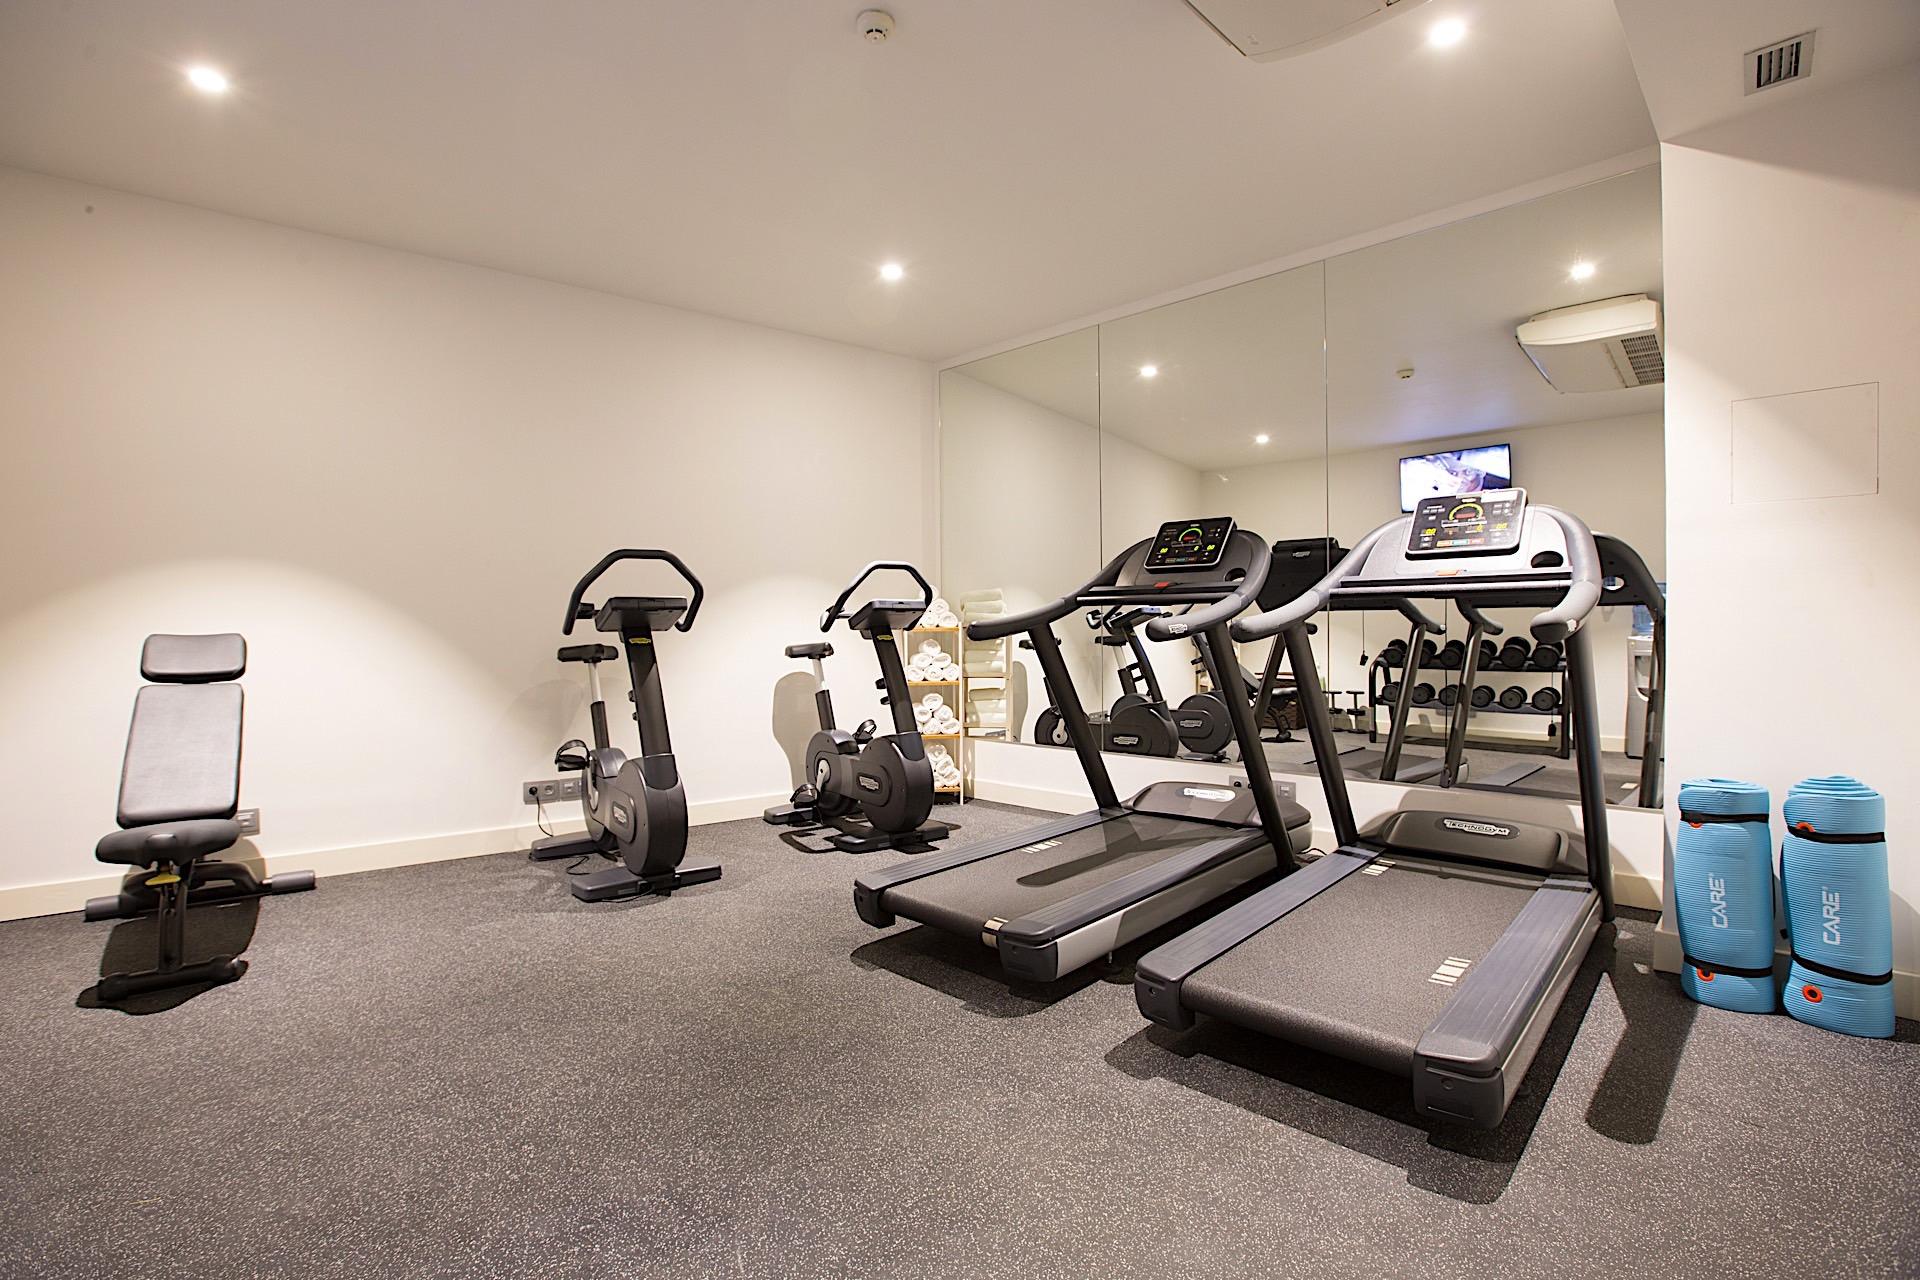 Fitness room at Seen Hotel Abidjan Plateau